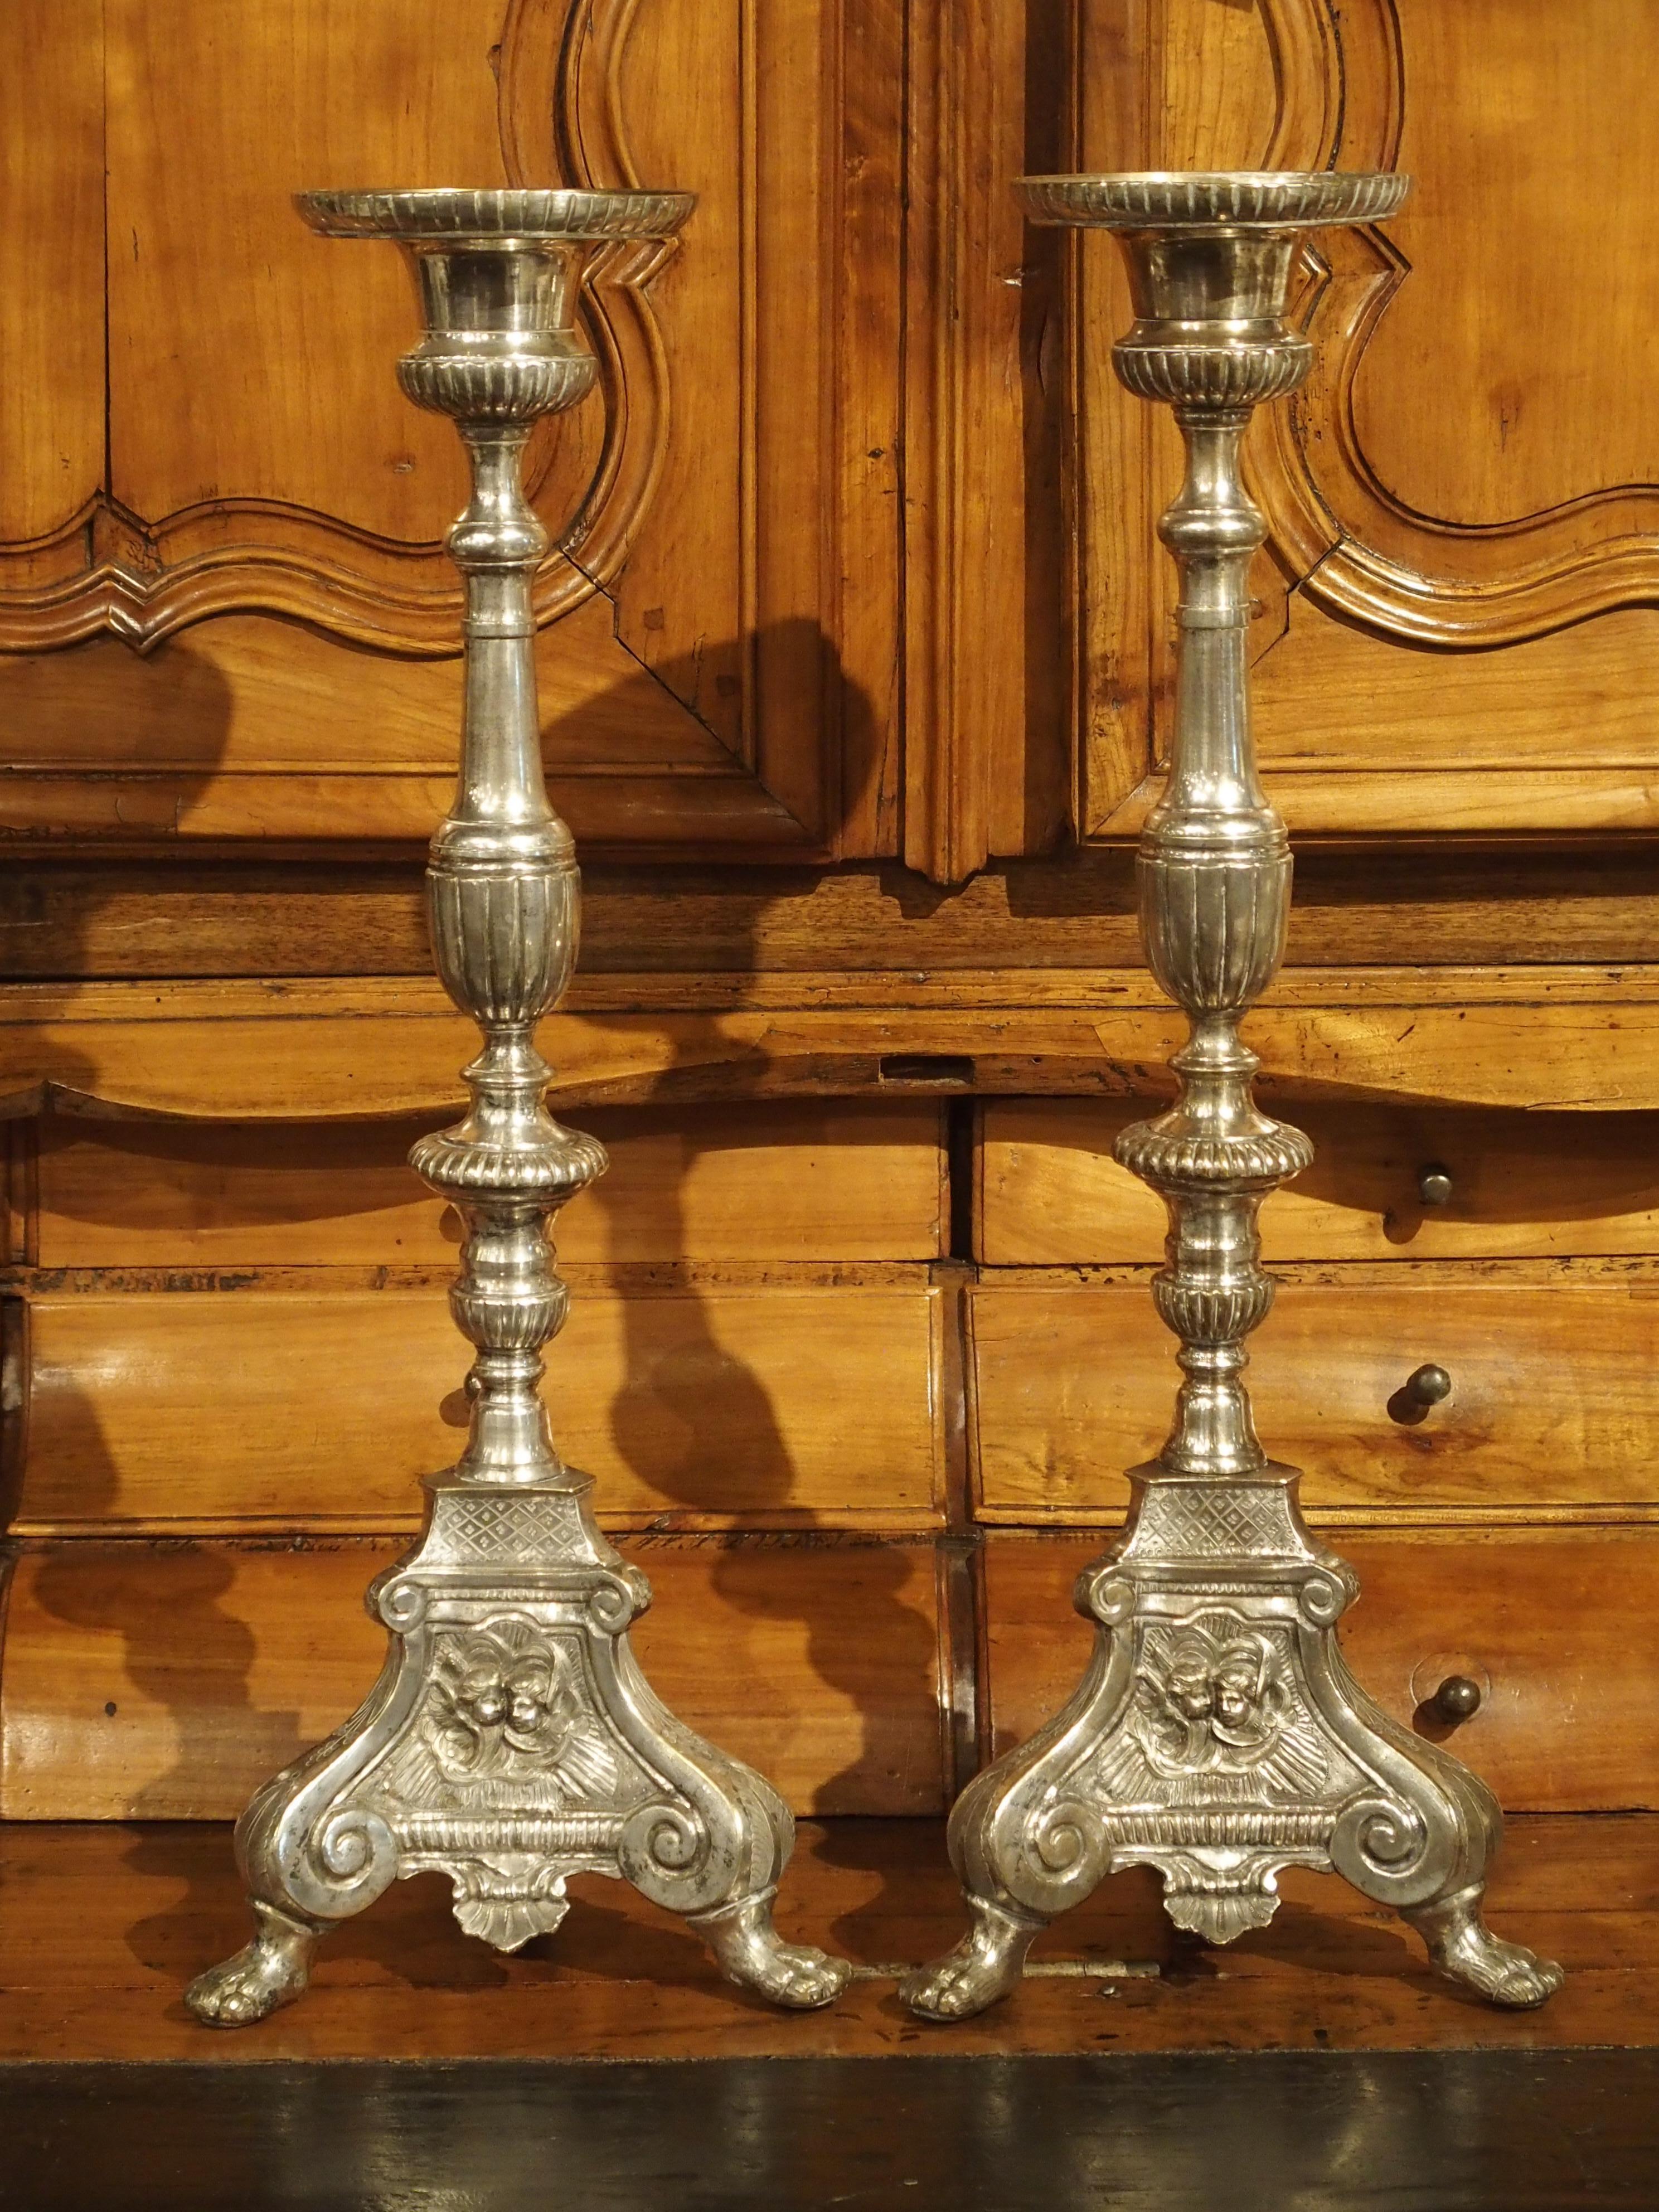 Paar Antike Versilberte Bronze Französische Kerzenleuchter, 19. Jahrhundert  2